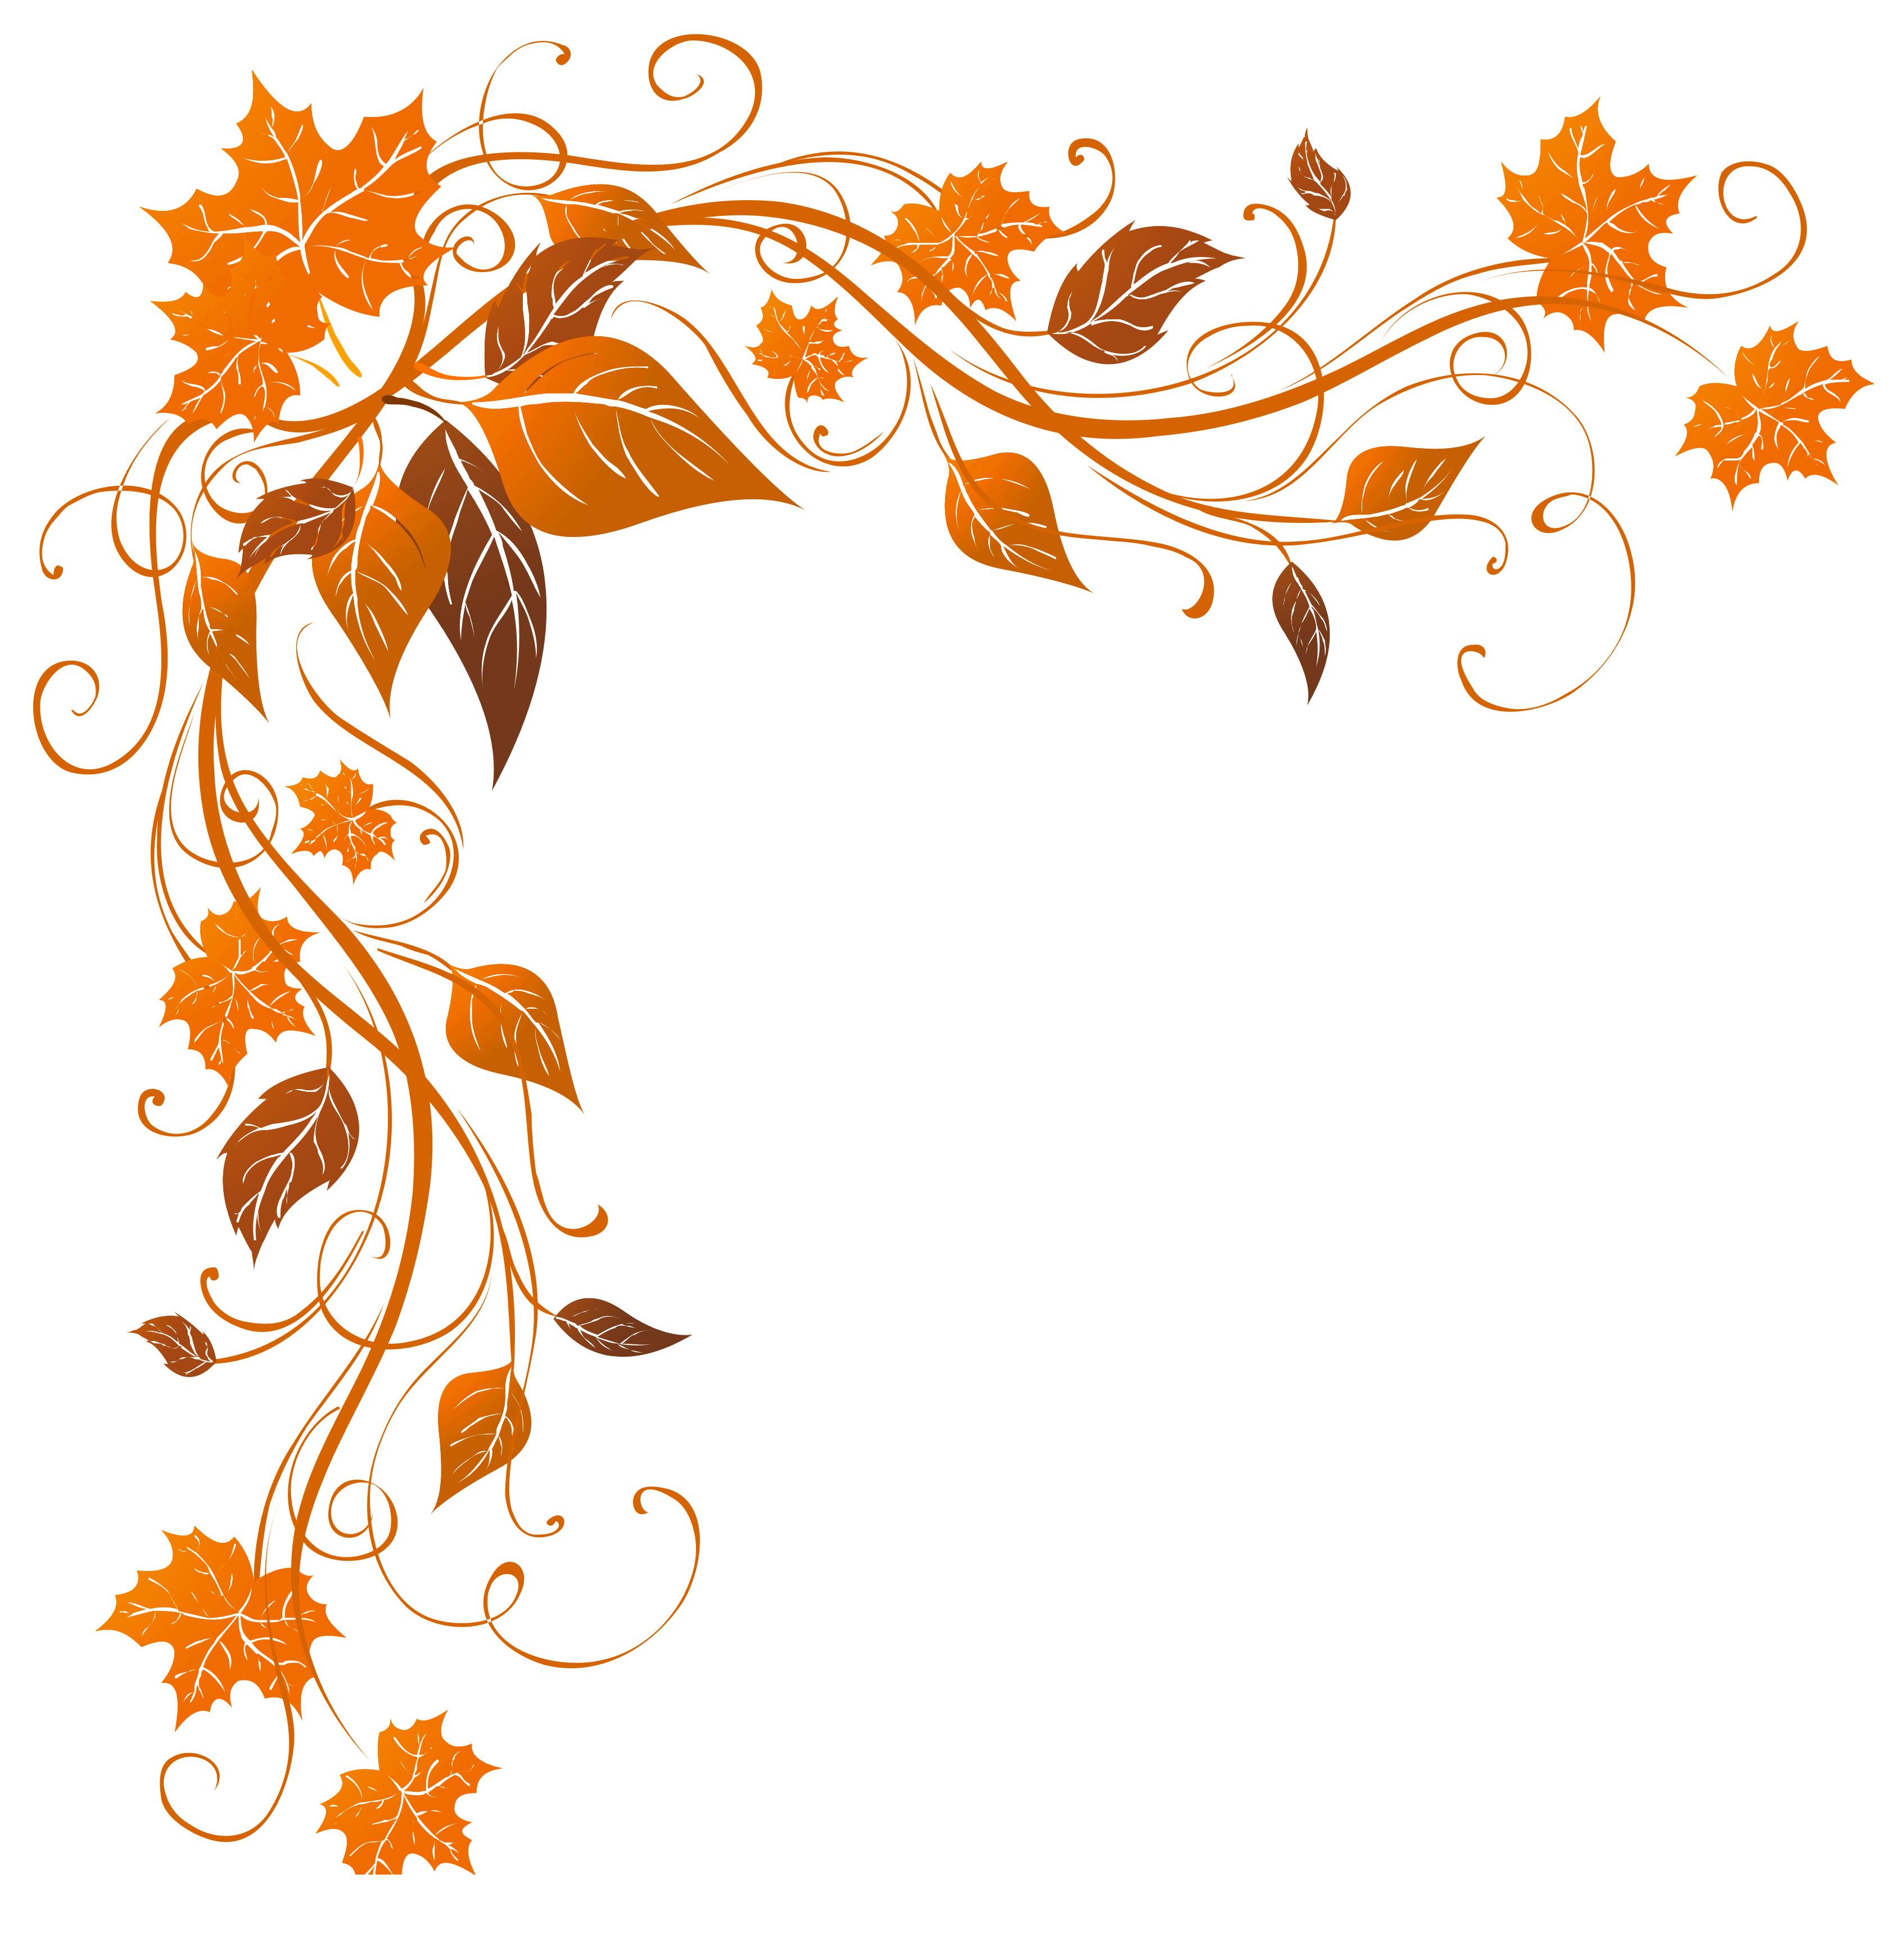 Transparent autumn png image. Clipart turkey decoration